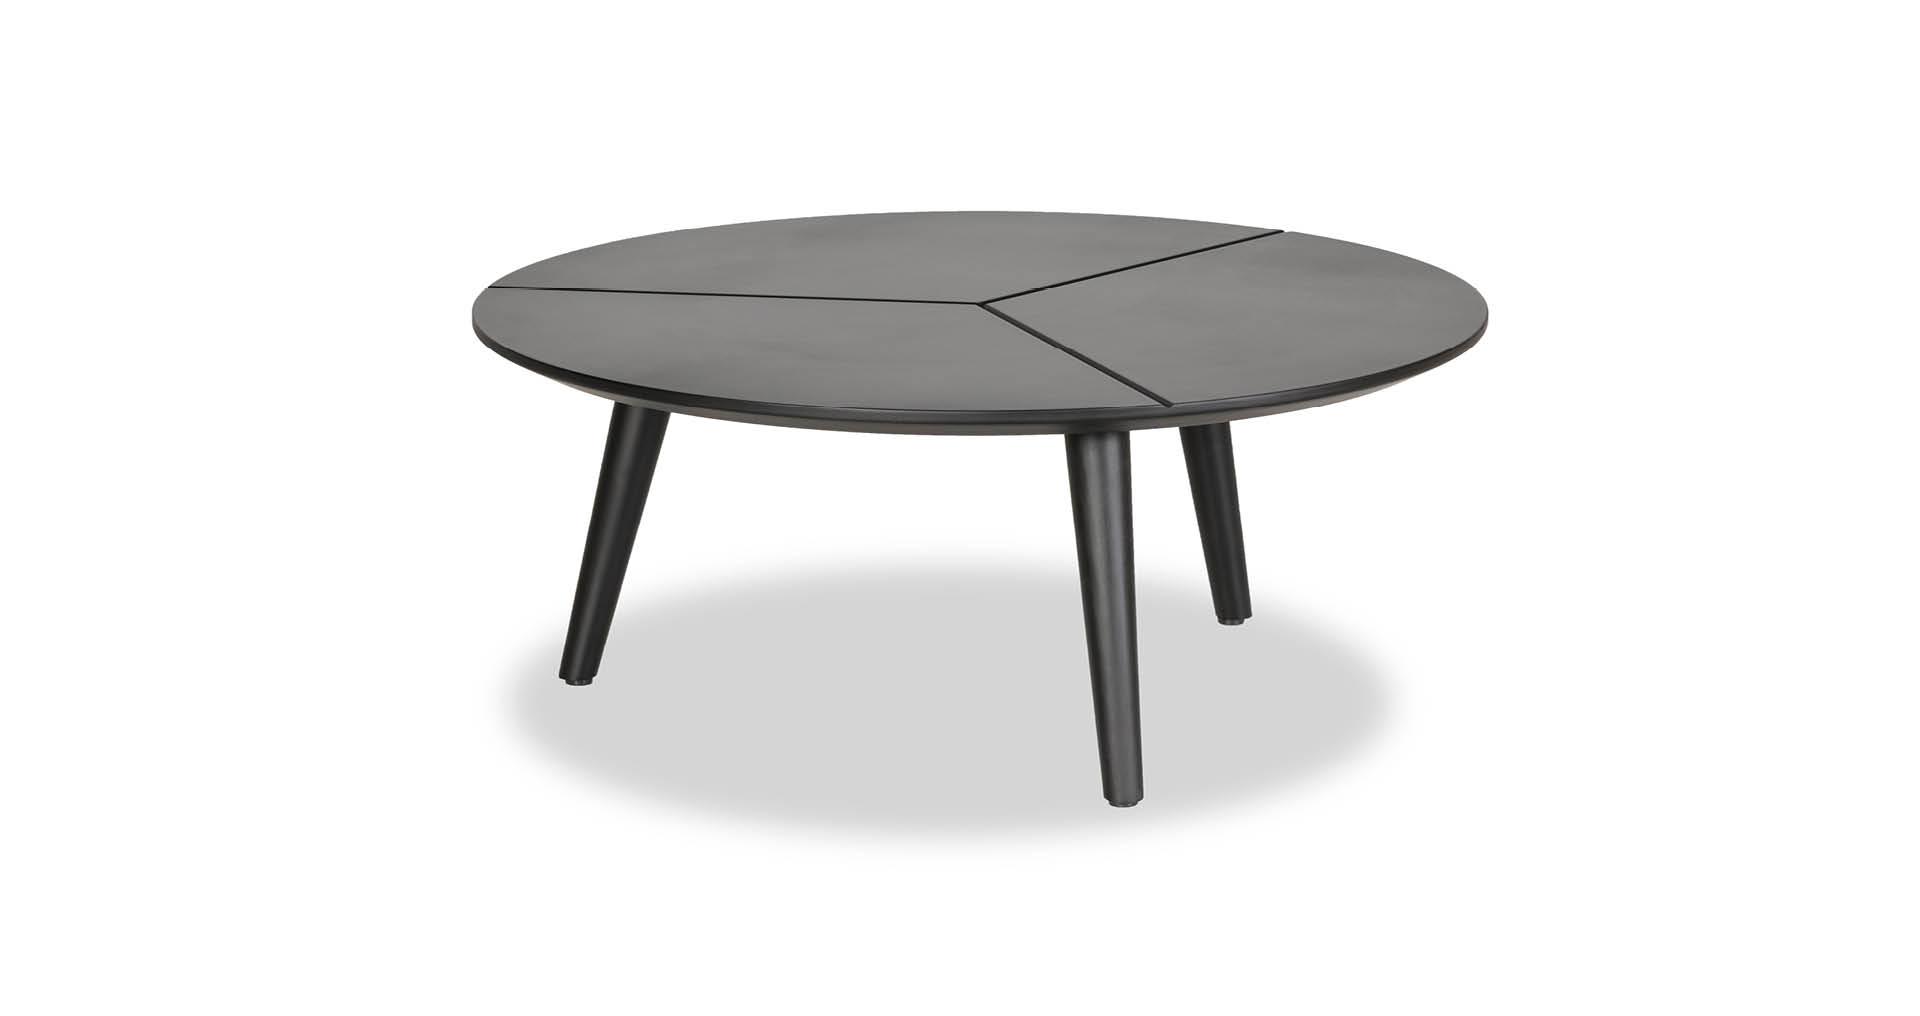 """שולחן סלון קונקרט 65 ס""""מ בגוון שחור משי"""